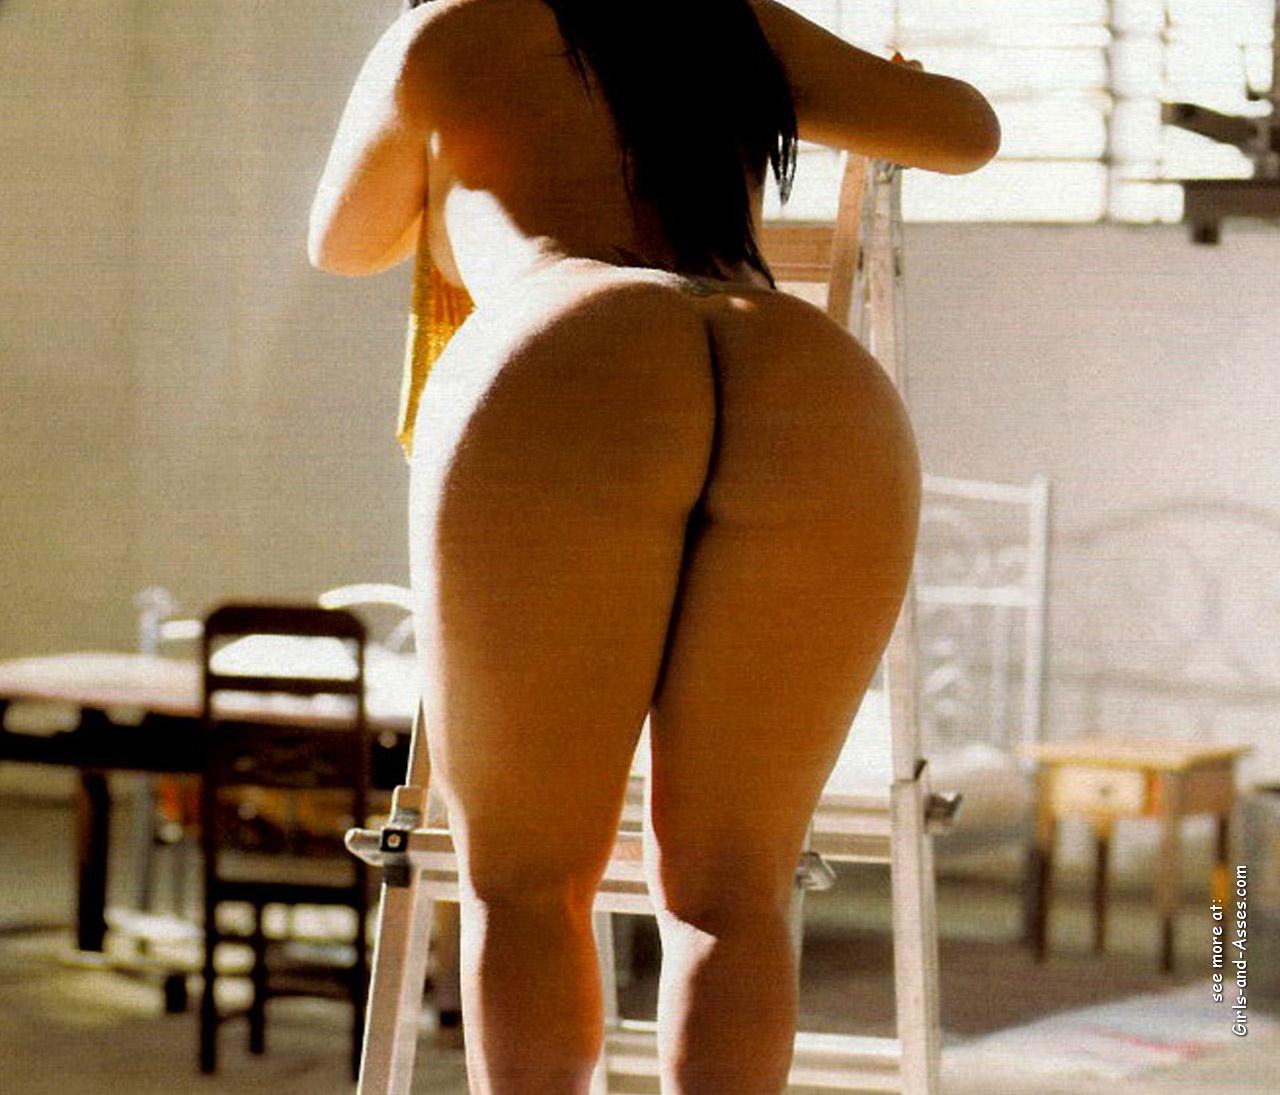 big assed naked brazilian babe photo 02257